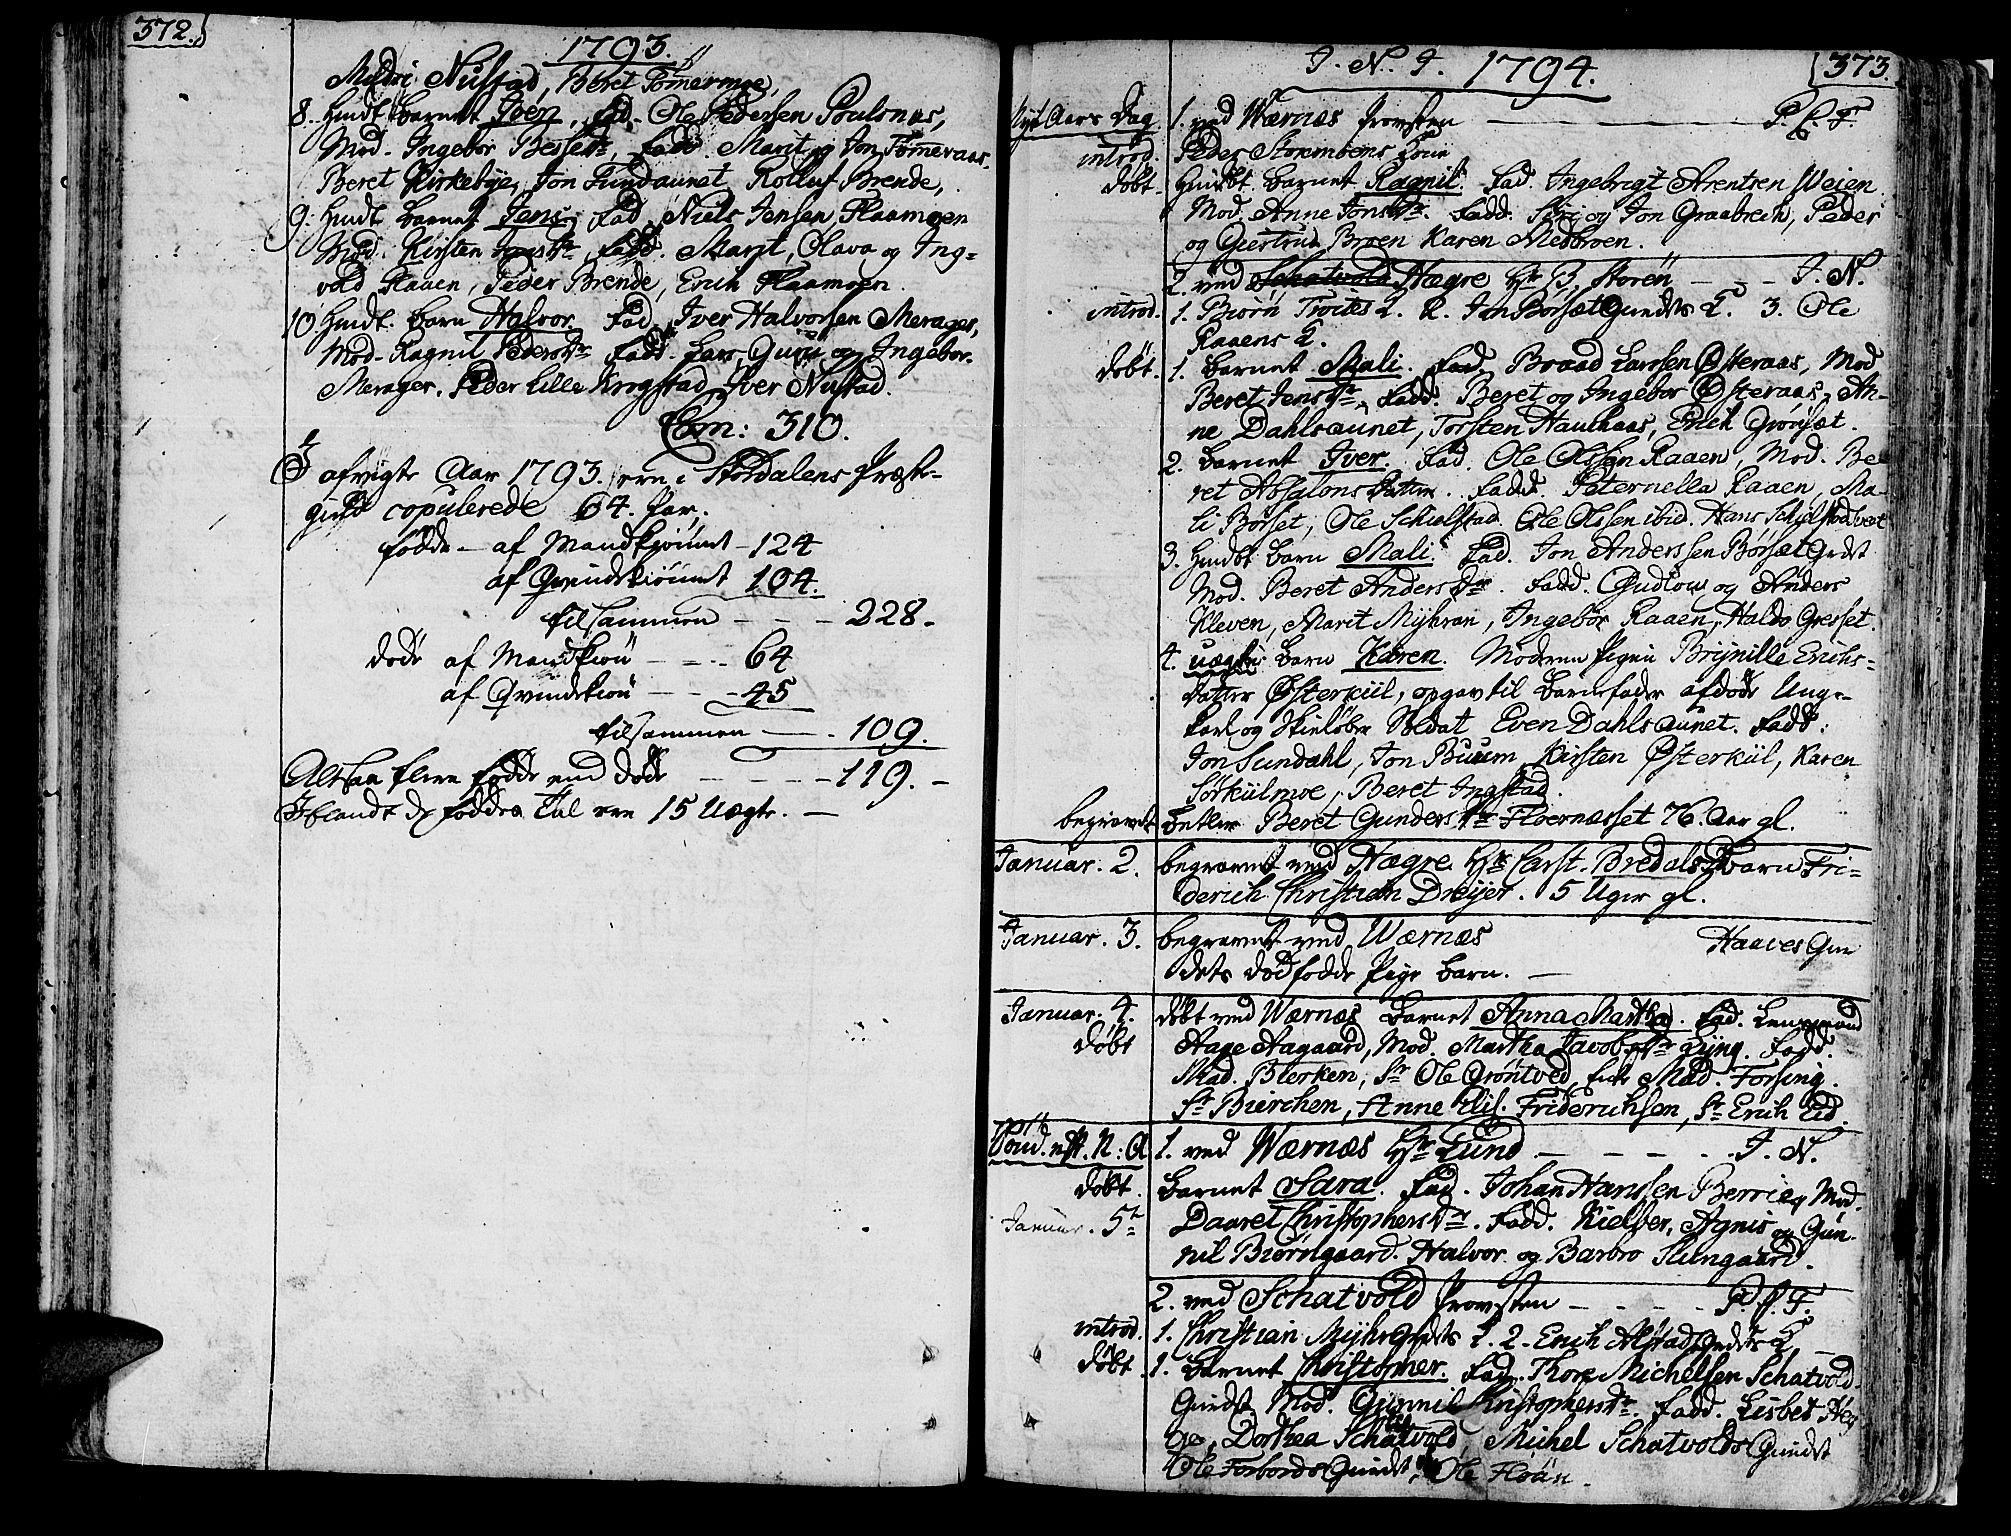 SAT, Ministerialprotokoller, klokkerbøker og fødselsregistre - Nord-Trøndelag, 709/L0059: Ministerialbok nr. 709A06, 1781-1797, s. 372-373